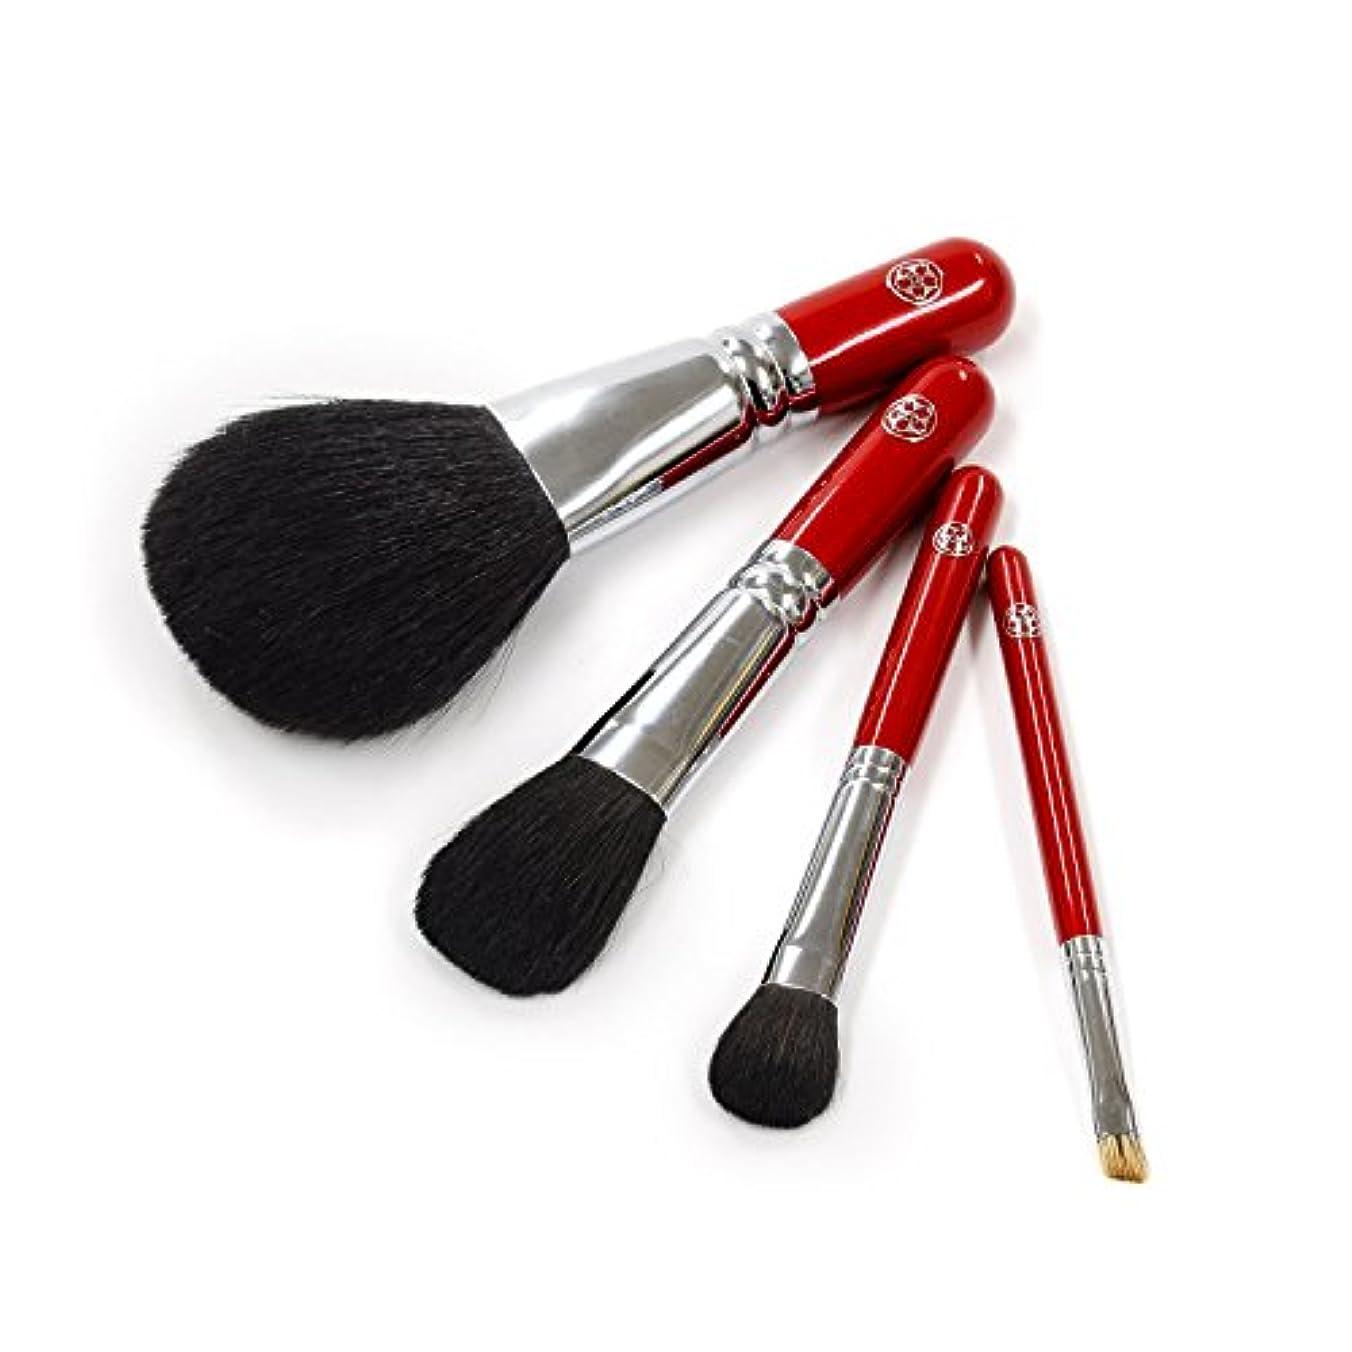 腐敗した政府技術的なARRS-S4aさくら筆 お顔の印象がグッと華やかに! 贅沢な化粧筆 4本セット パウダー チーク アイシャドー アイブロー 六角館さくら堂 ロゴ入り 女性の手になじみやすい赤軸ショートタイプ 熊野筆